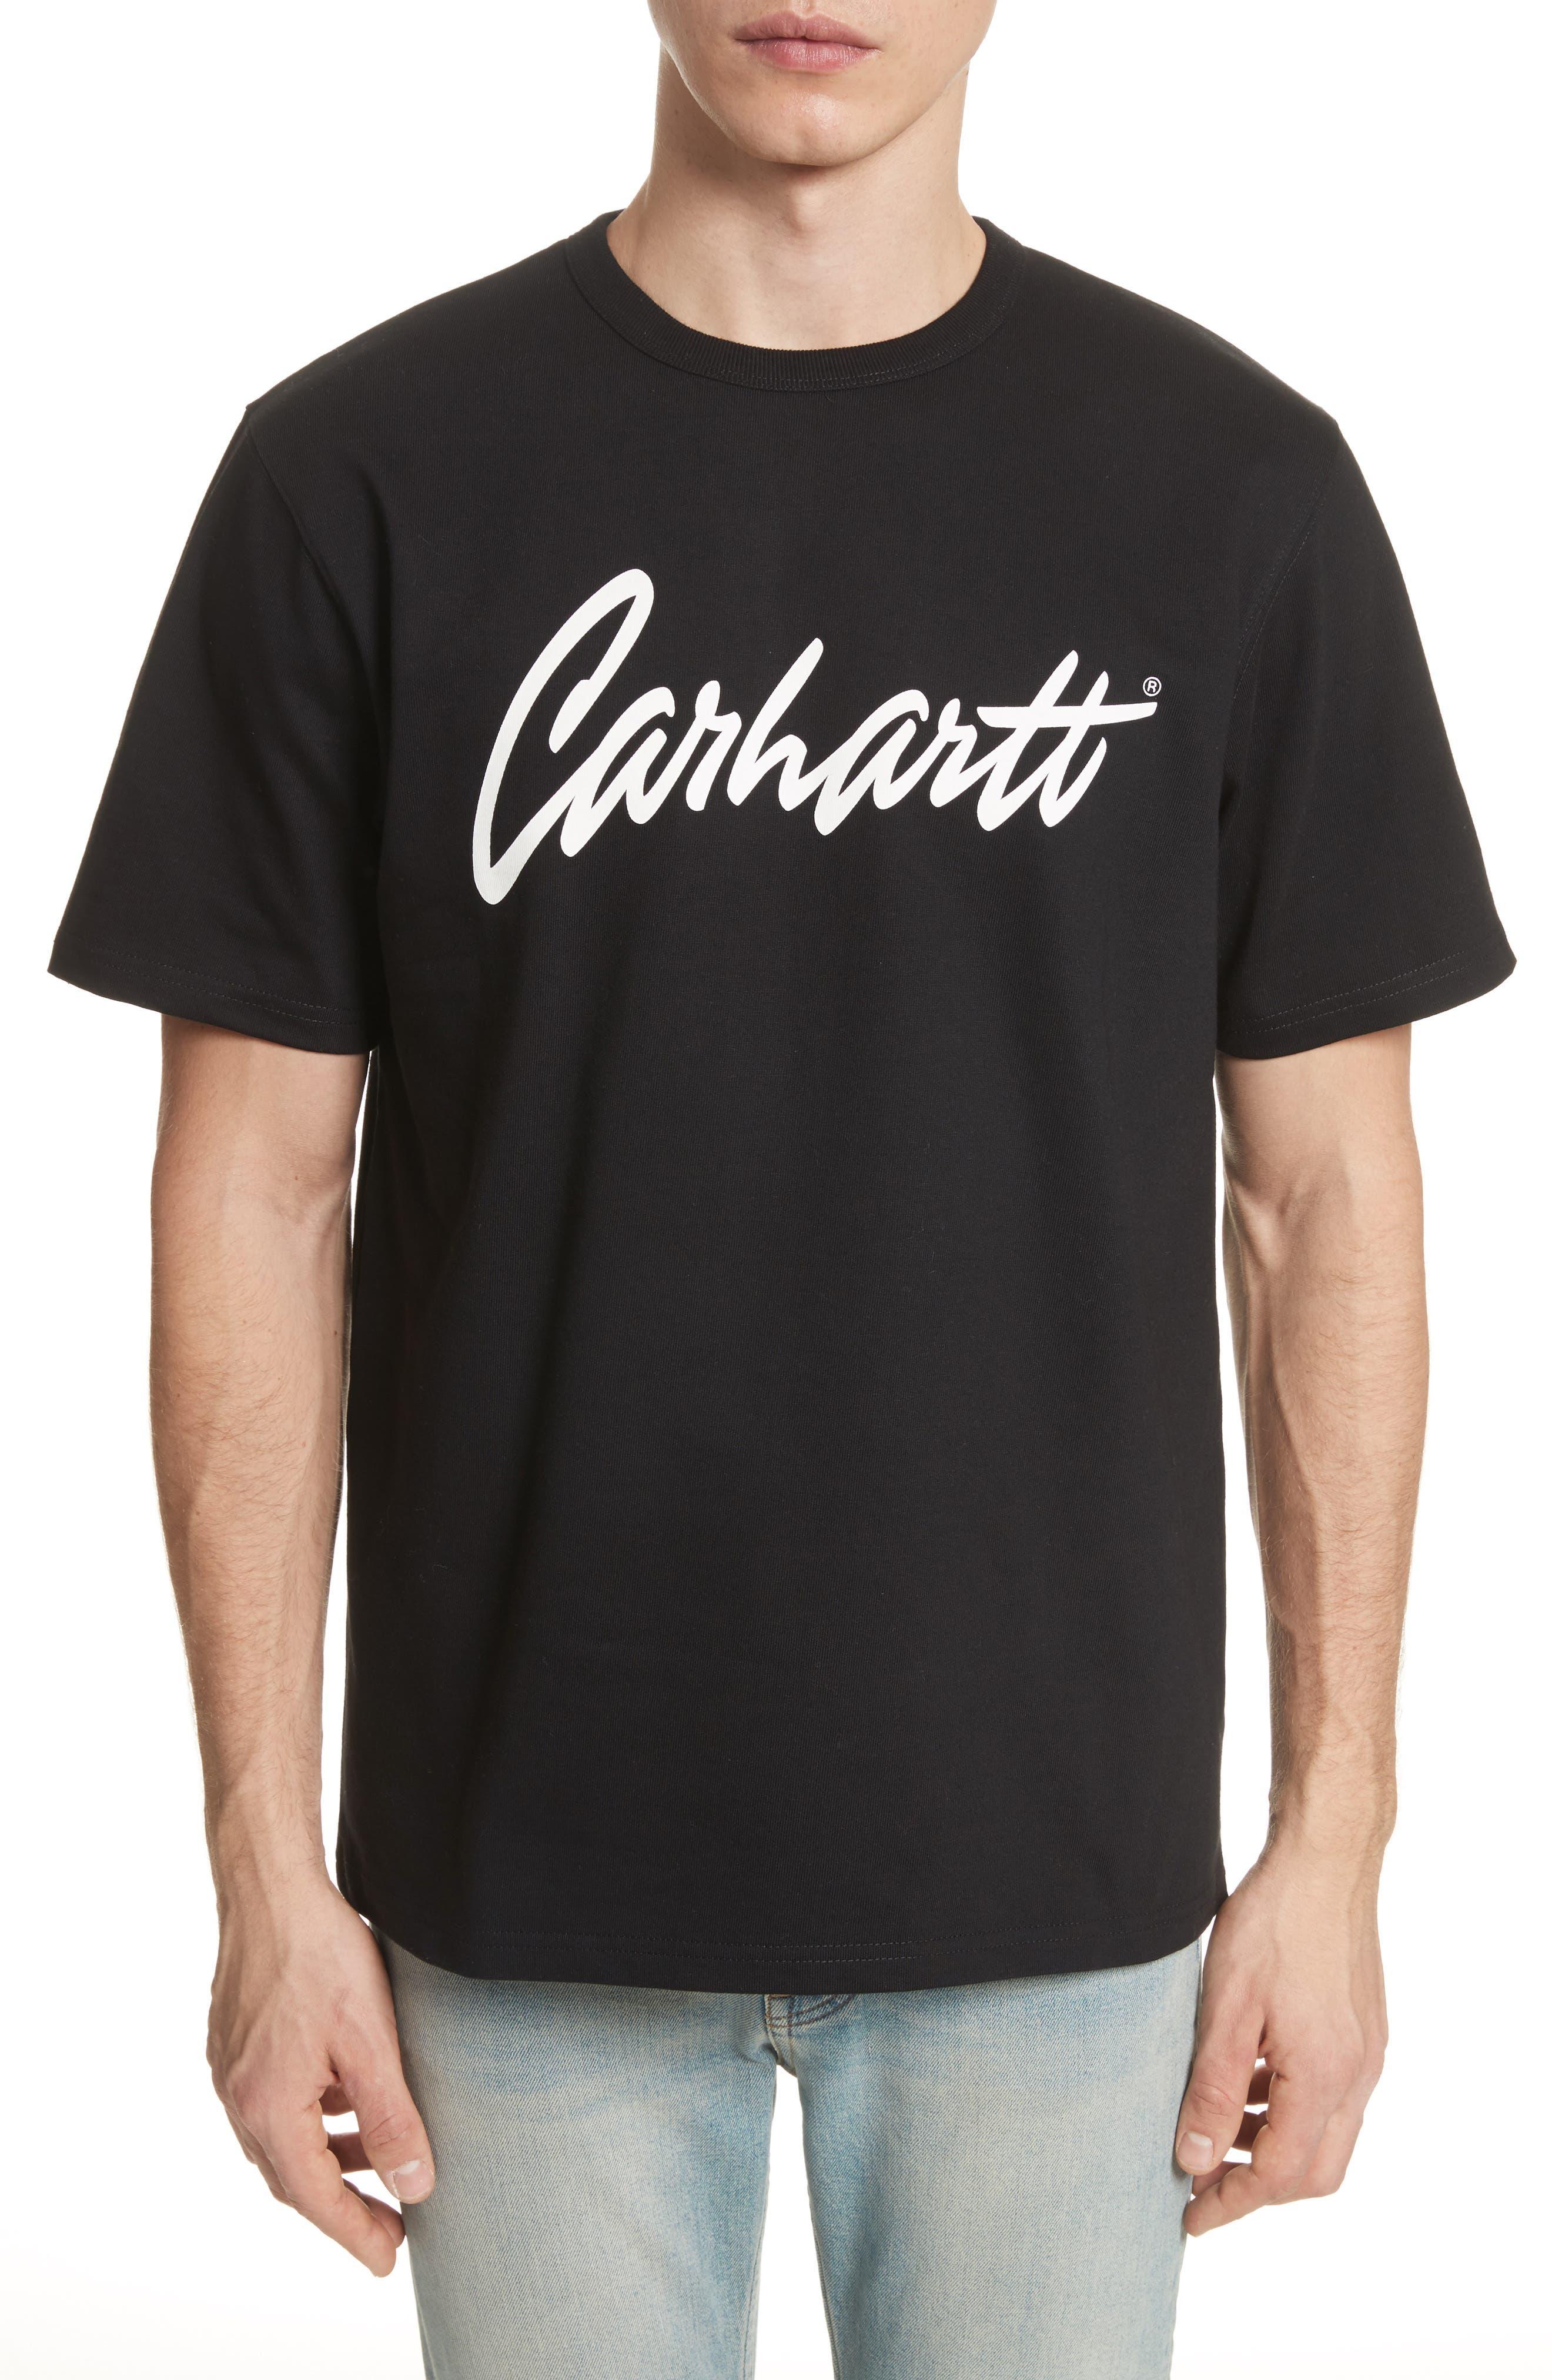 Main Image - Carhartt Work in Progress Stray Graphic T-Shirt